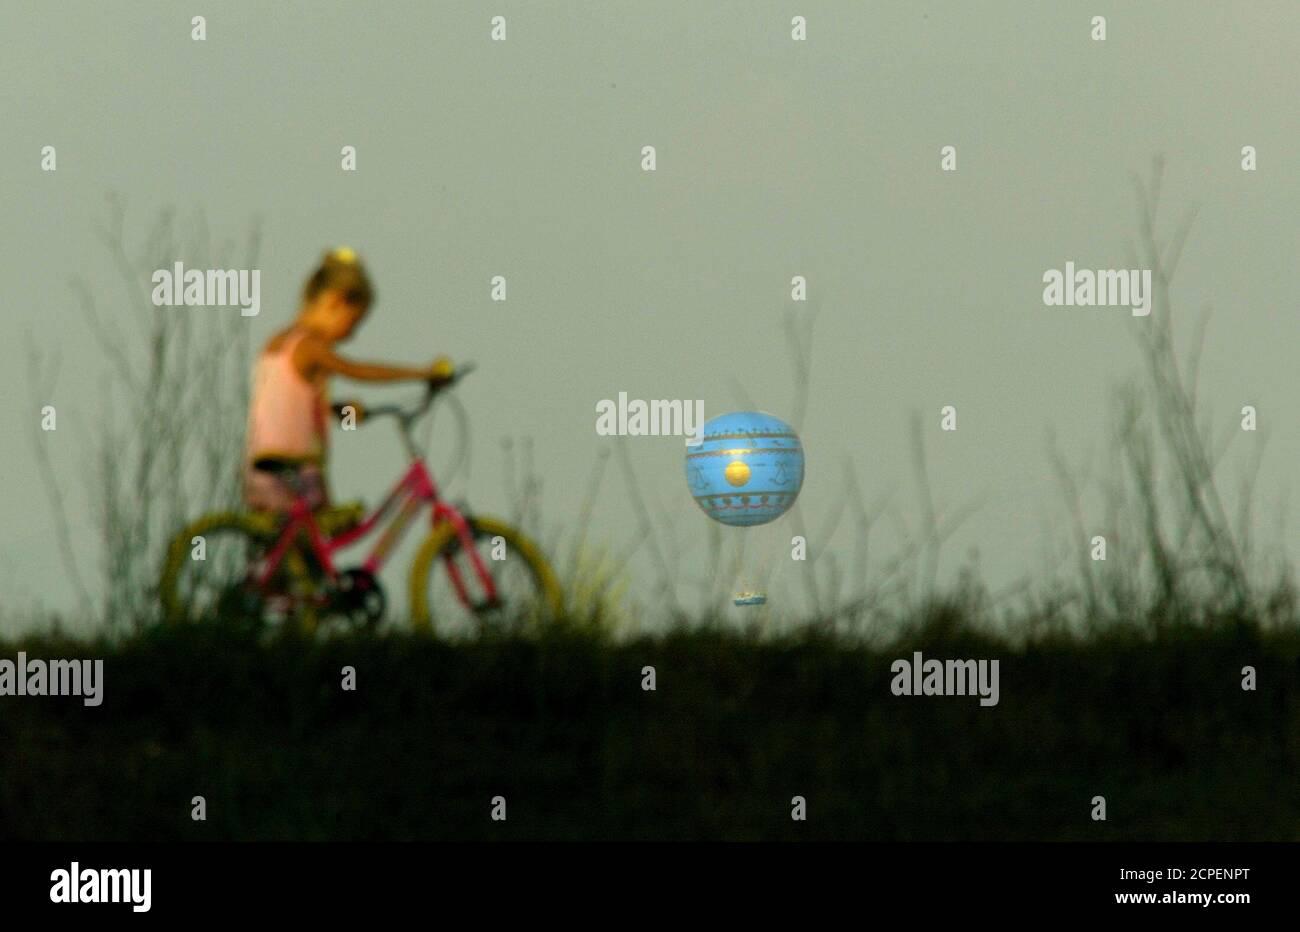 Una giovane ragazza cammina in bicicletta su una collina mentre una mongolfiera di elio vola sopra lo skyline di Roma alla pausa di giorno 28 luglio 2003. La mongolfiera, che era tutta impostata per diventare l'ultima attrazione turistica della città, ha avuto un problema piuttosto insolito - troppo aria calda. La mongolfiera può volare solo all'alba e al tramonto, poiché le correnti termali generate dalle alte temperature di mezzogiorno si fermano ai turisti godendo di una vista aerea dell'eterna città a pranzo. REUTERS/Alessandro Bianchi REUTERS DJM/WS Foto Stock